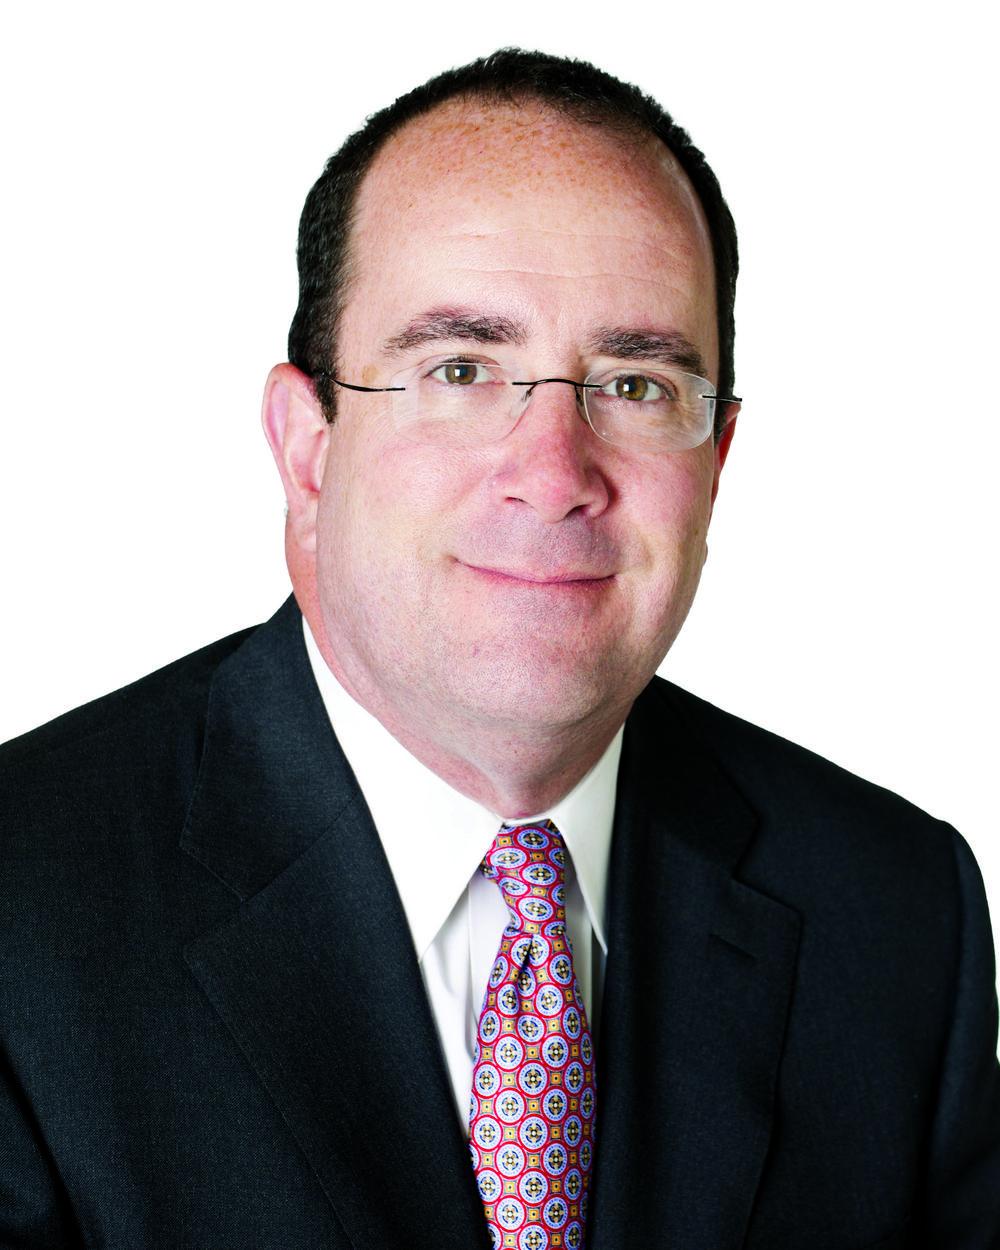 Brad McMillan, CFA®, CAIA, MAI Photo